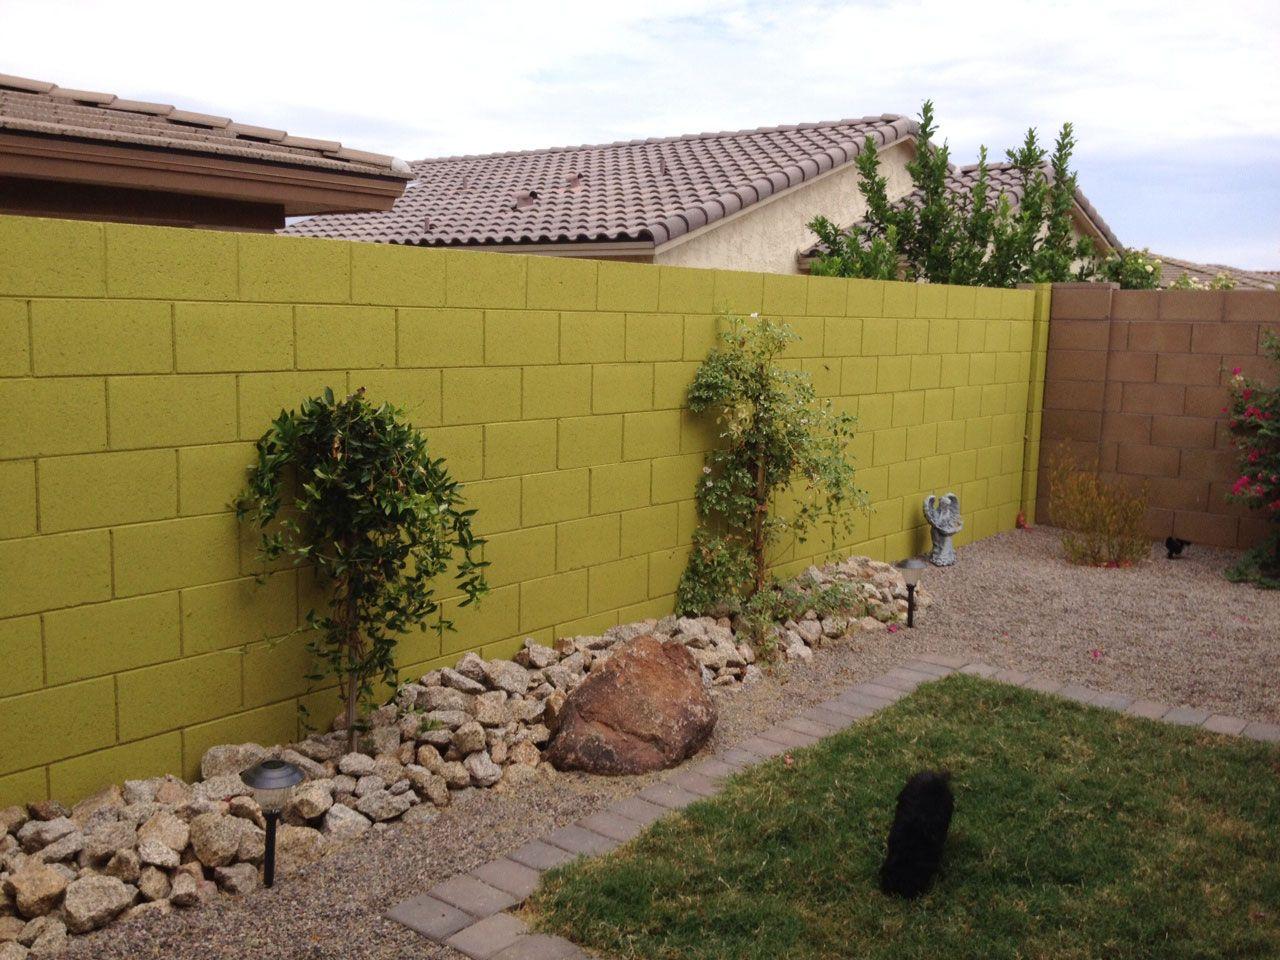 garden cinderblock wall paint - Google Search | backyard | Pinterest ...